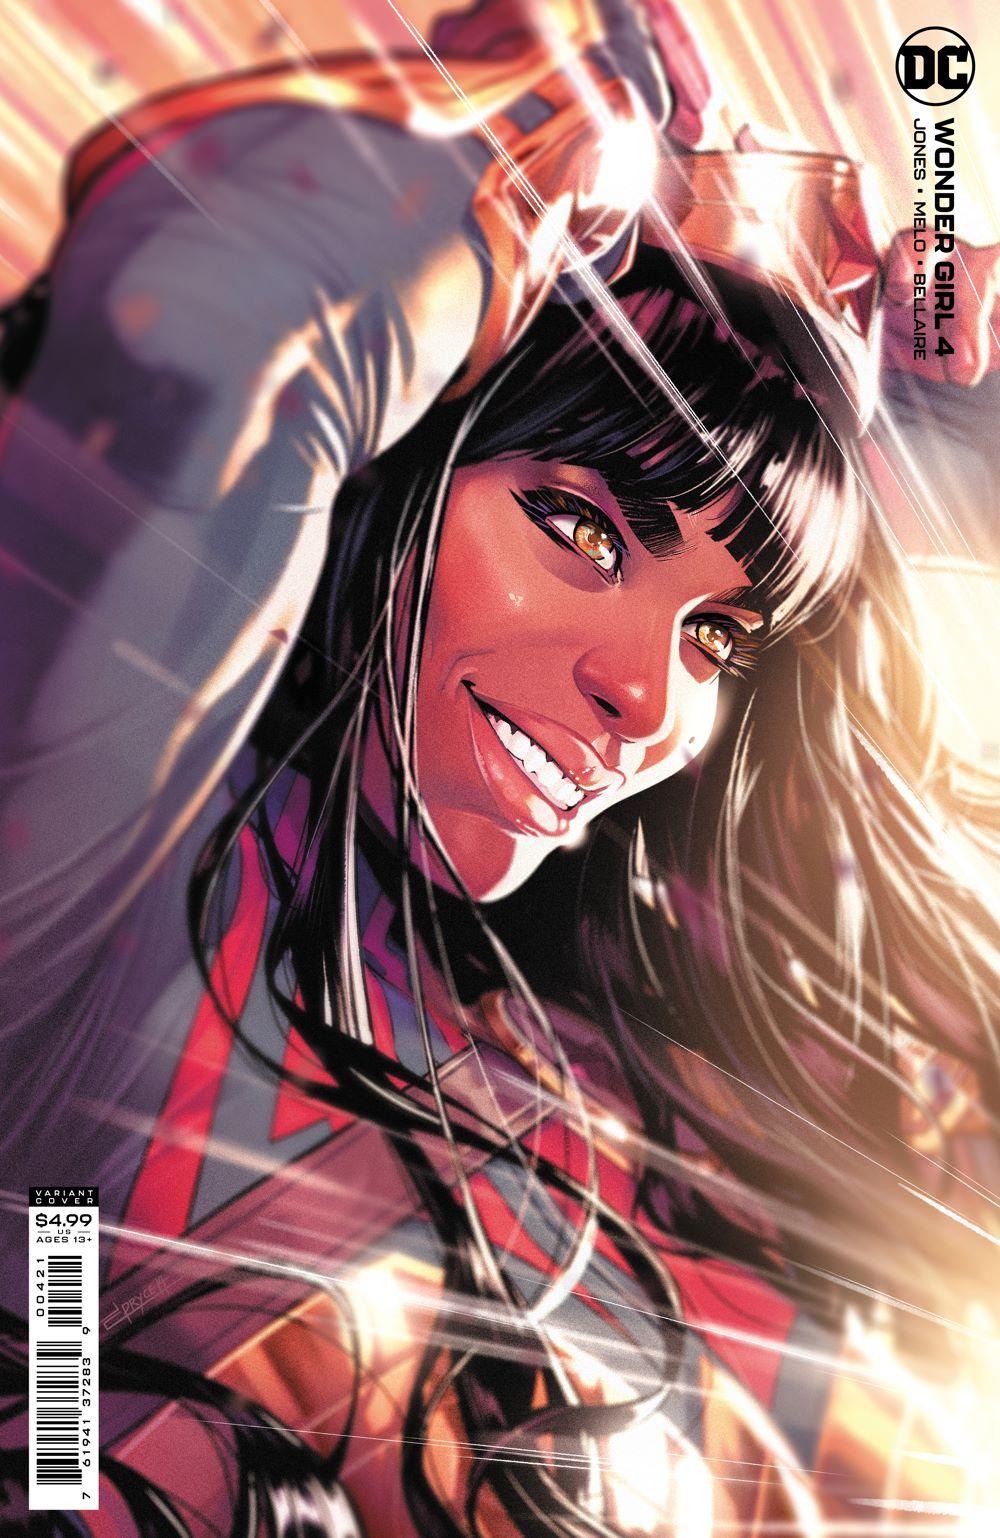 WG_Cv4_var_00421 DC Comics August 2021 Solicitations